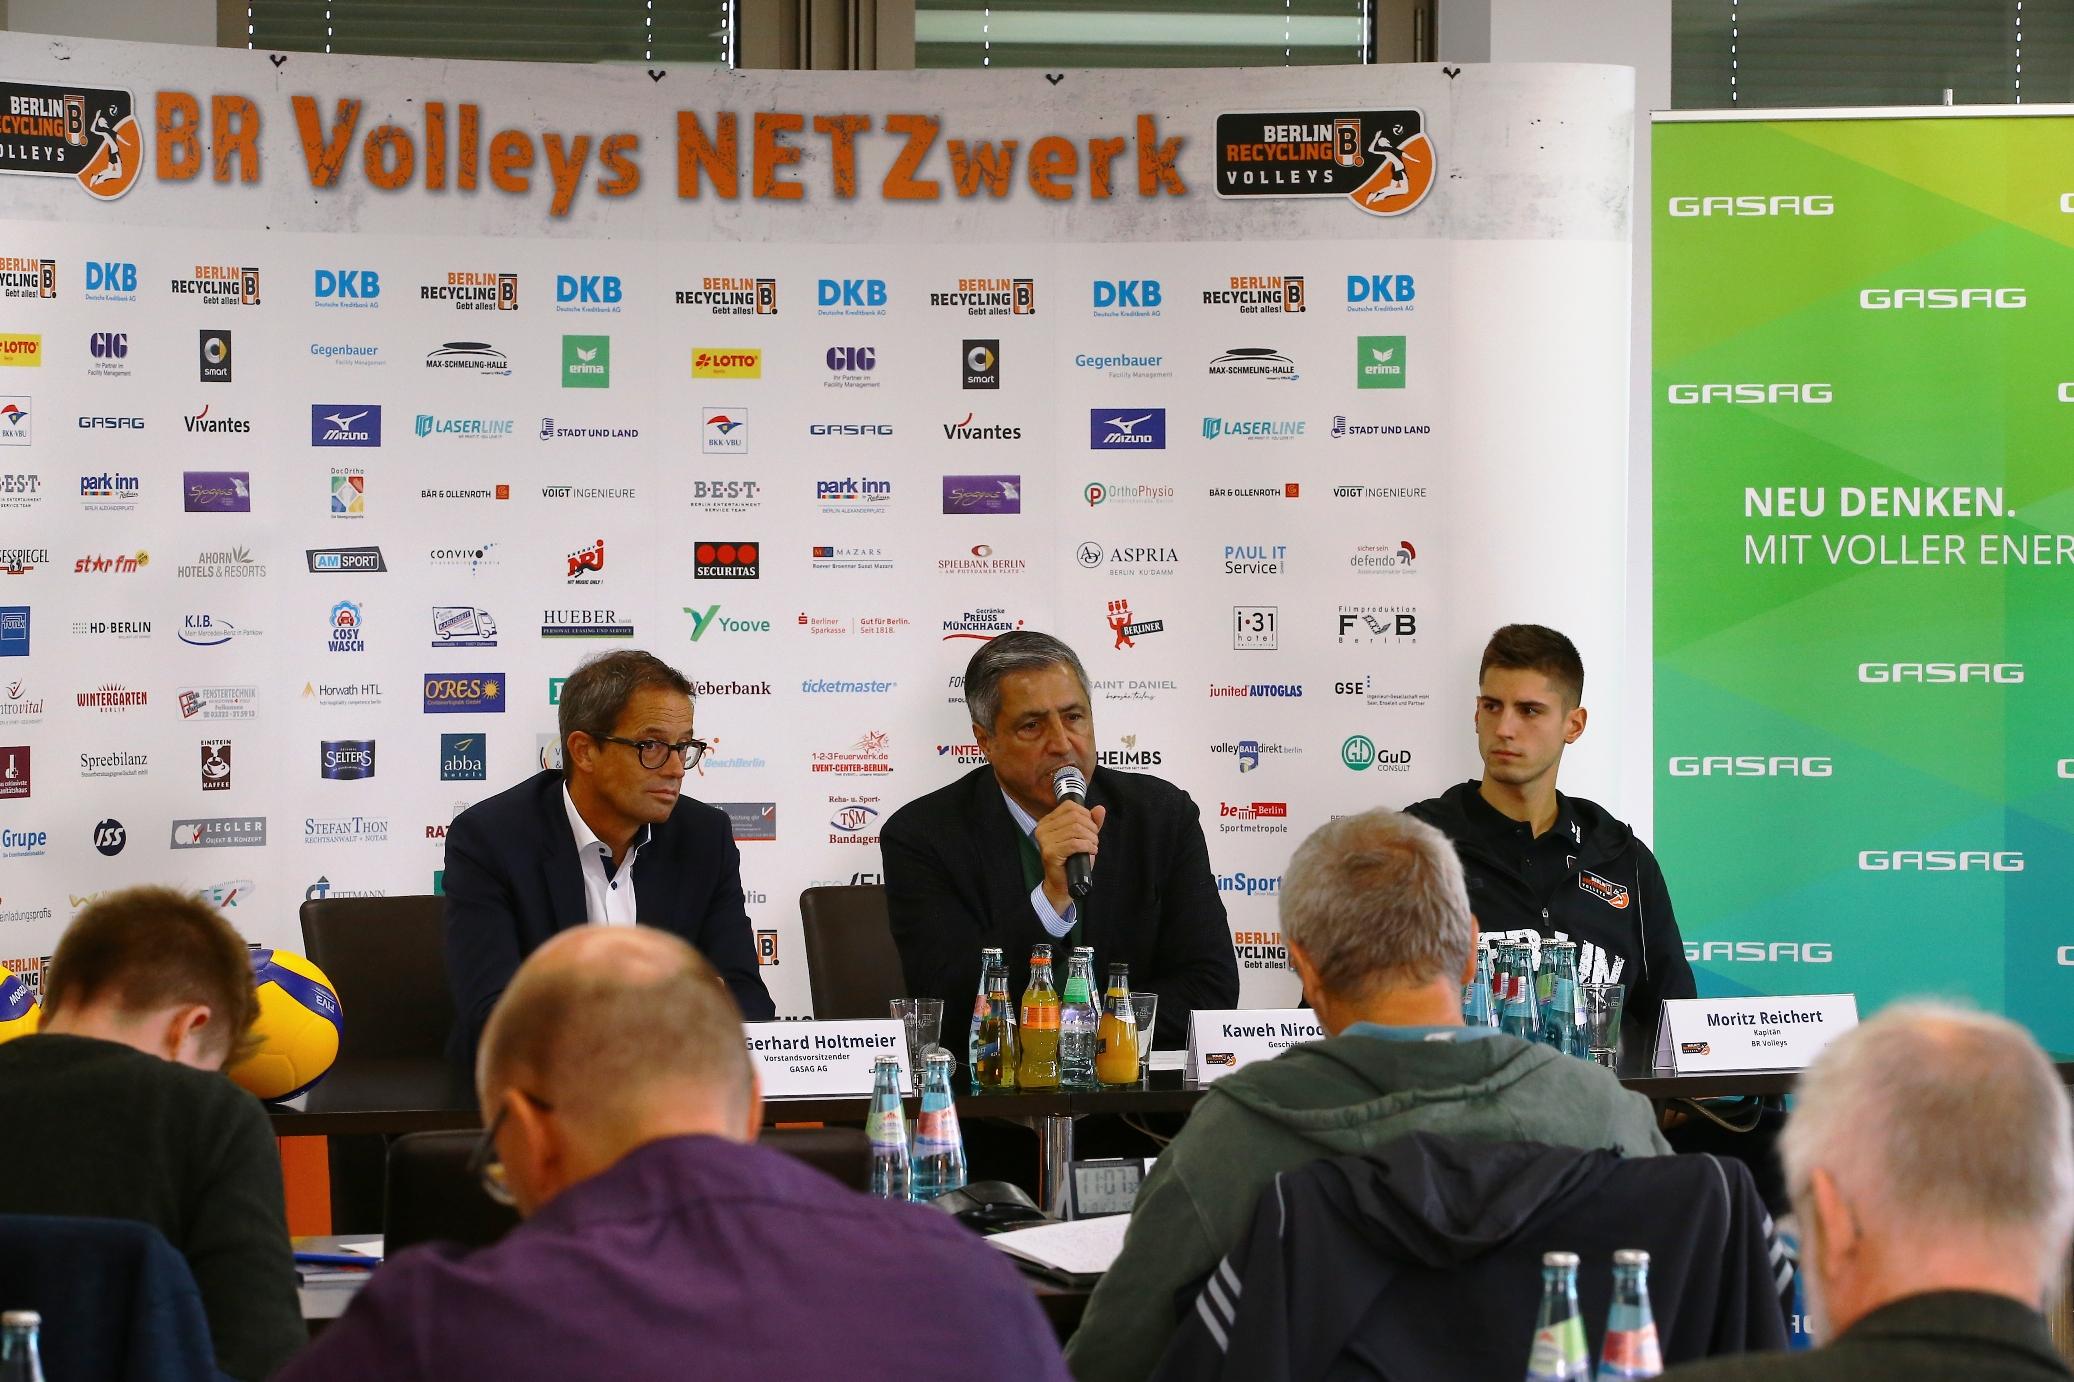 """BR Volleys – Saisonauftakt Pressekonferenz """"Ein guter Start wird wichtig sein"""""""